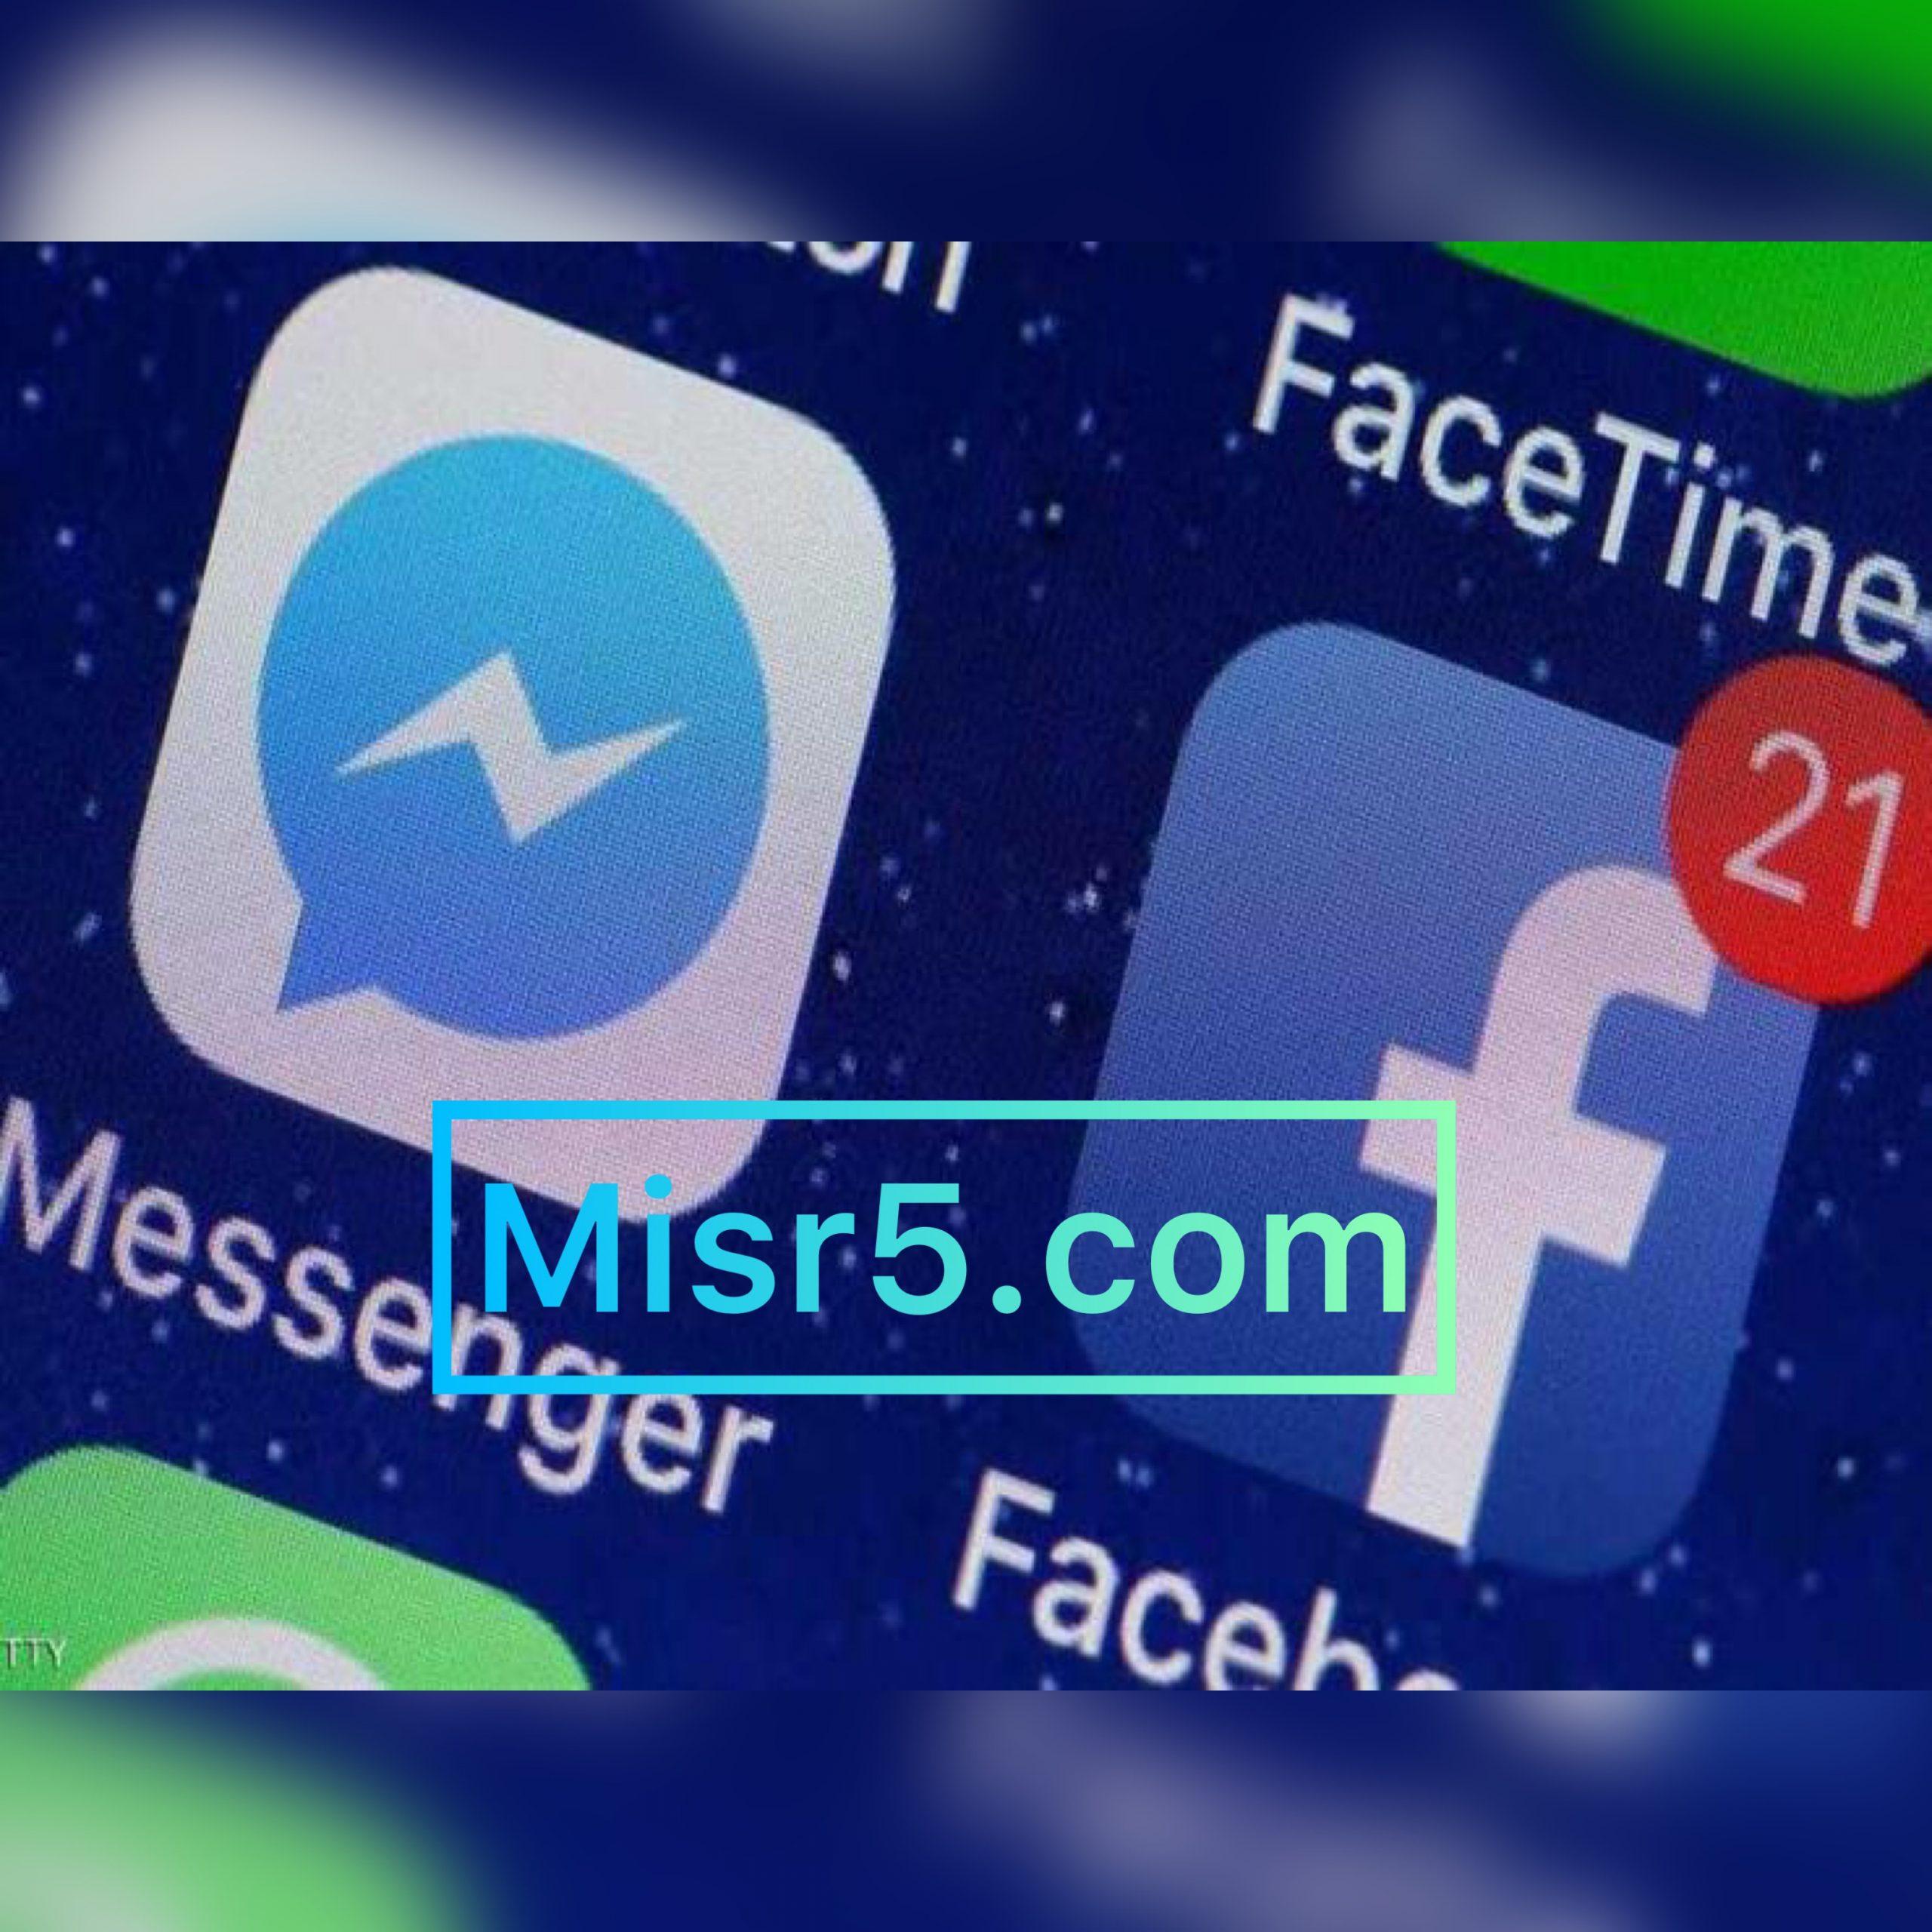 عطل غير معلوم المصدر يضرب تطبيق فيس بوك مسنجر حول العالم